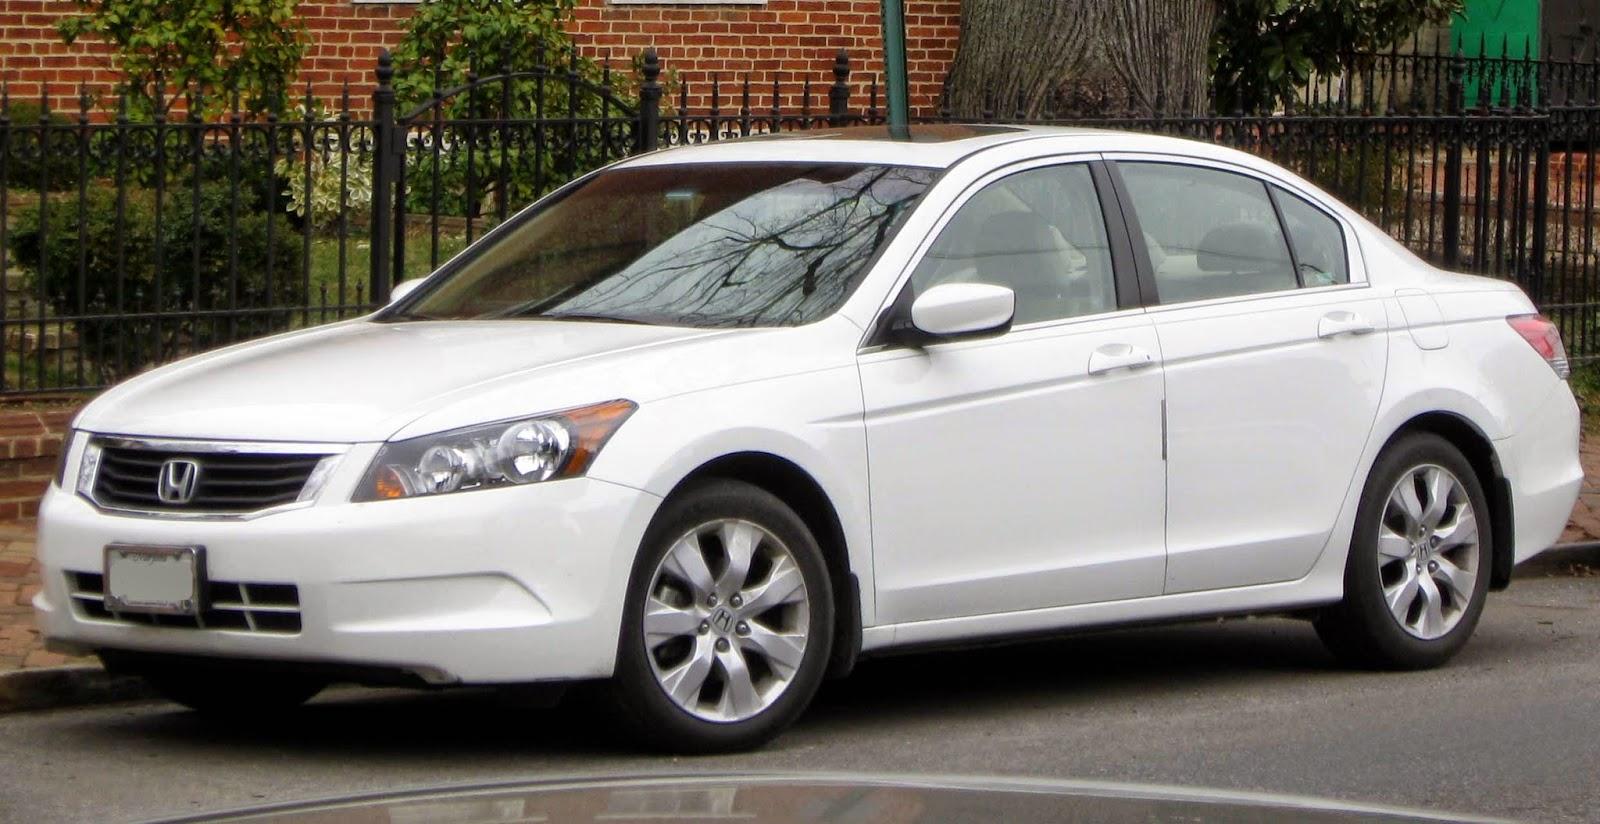 Honda Accord (2008-2012) Daftar Mobil Bekas Paling Dicari 2015